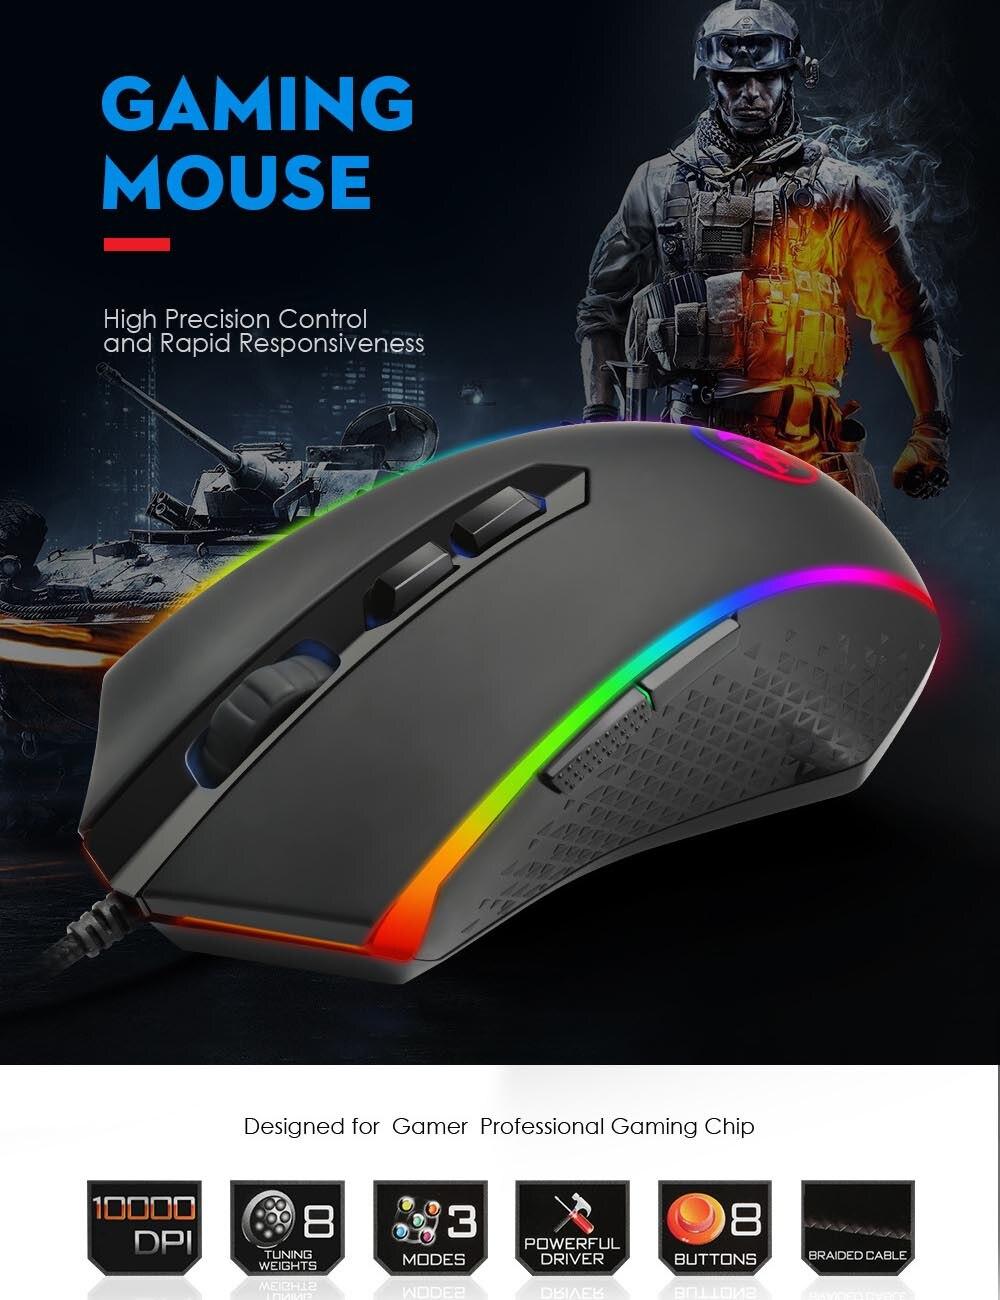 M710 новая RGB Проводная игровая мышь 8 кнопок эргономичный дизайн для настольного компьютера 10000 точек/дюйм Проводная игровая мышь RGB